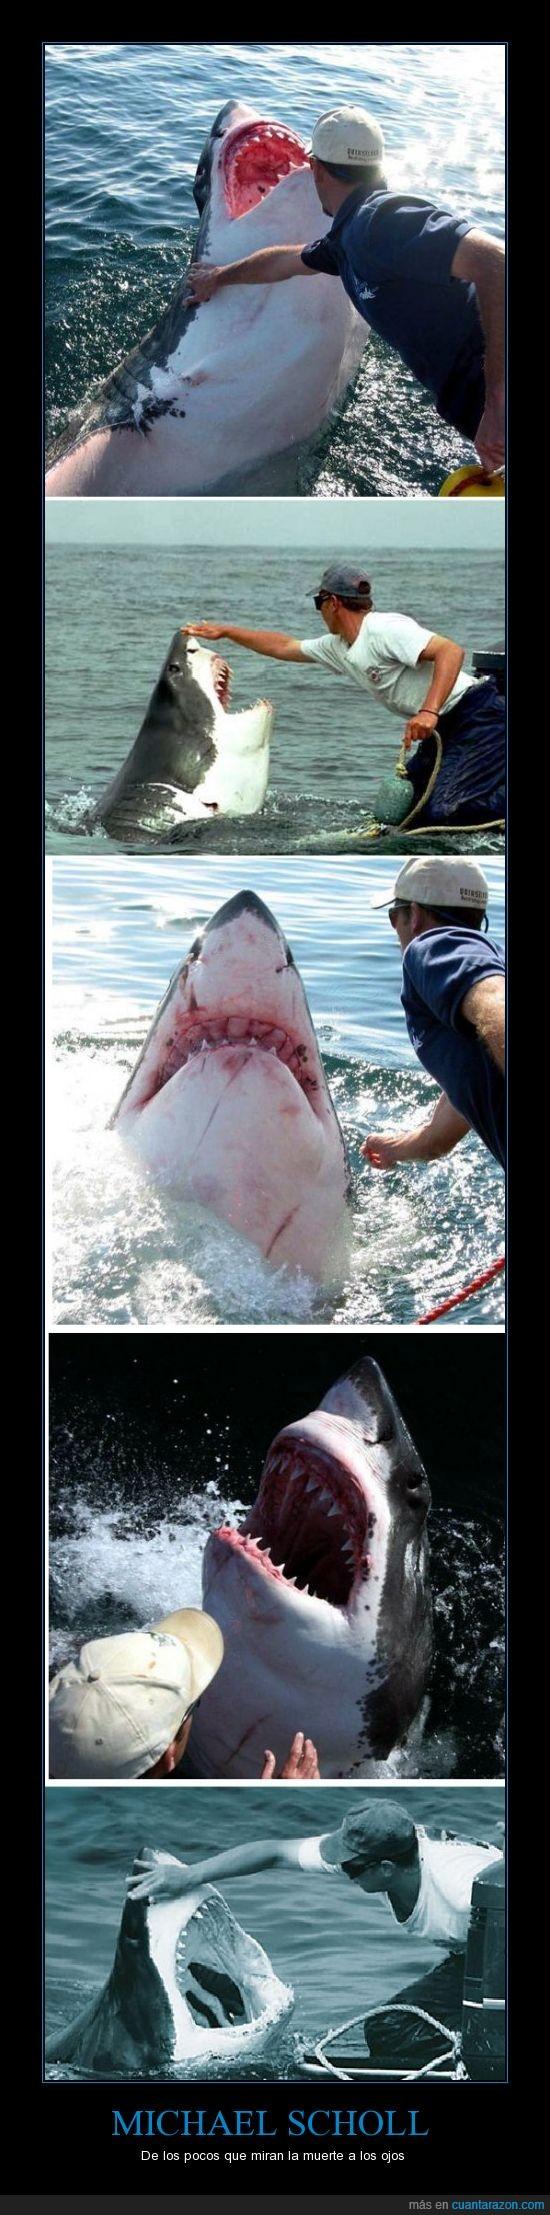 blanco,dientes,los tiene cuadrados,michael scholl,muerte,tiburon,tocar